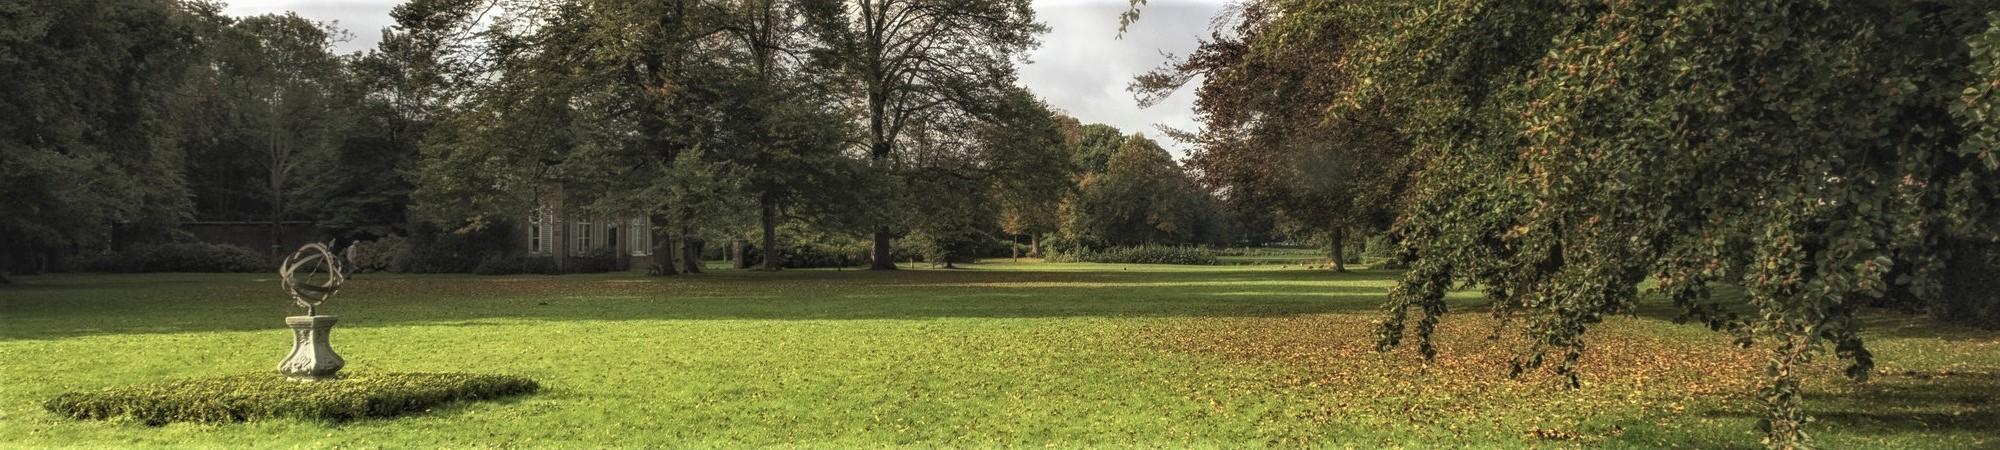 Heerlijk lopen door parken…